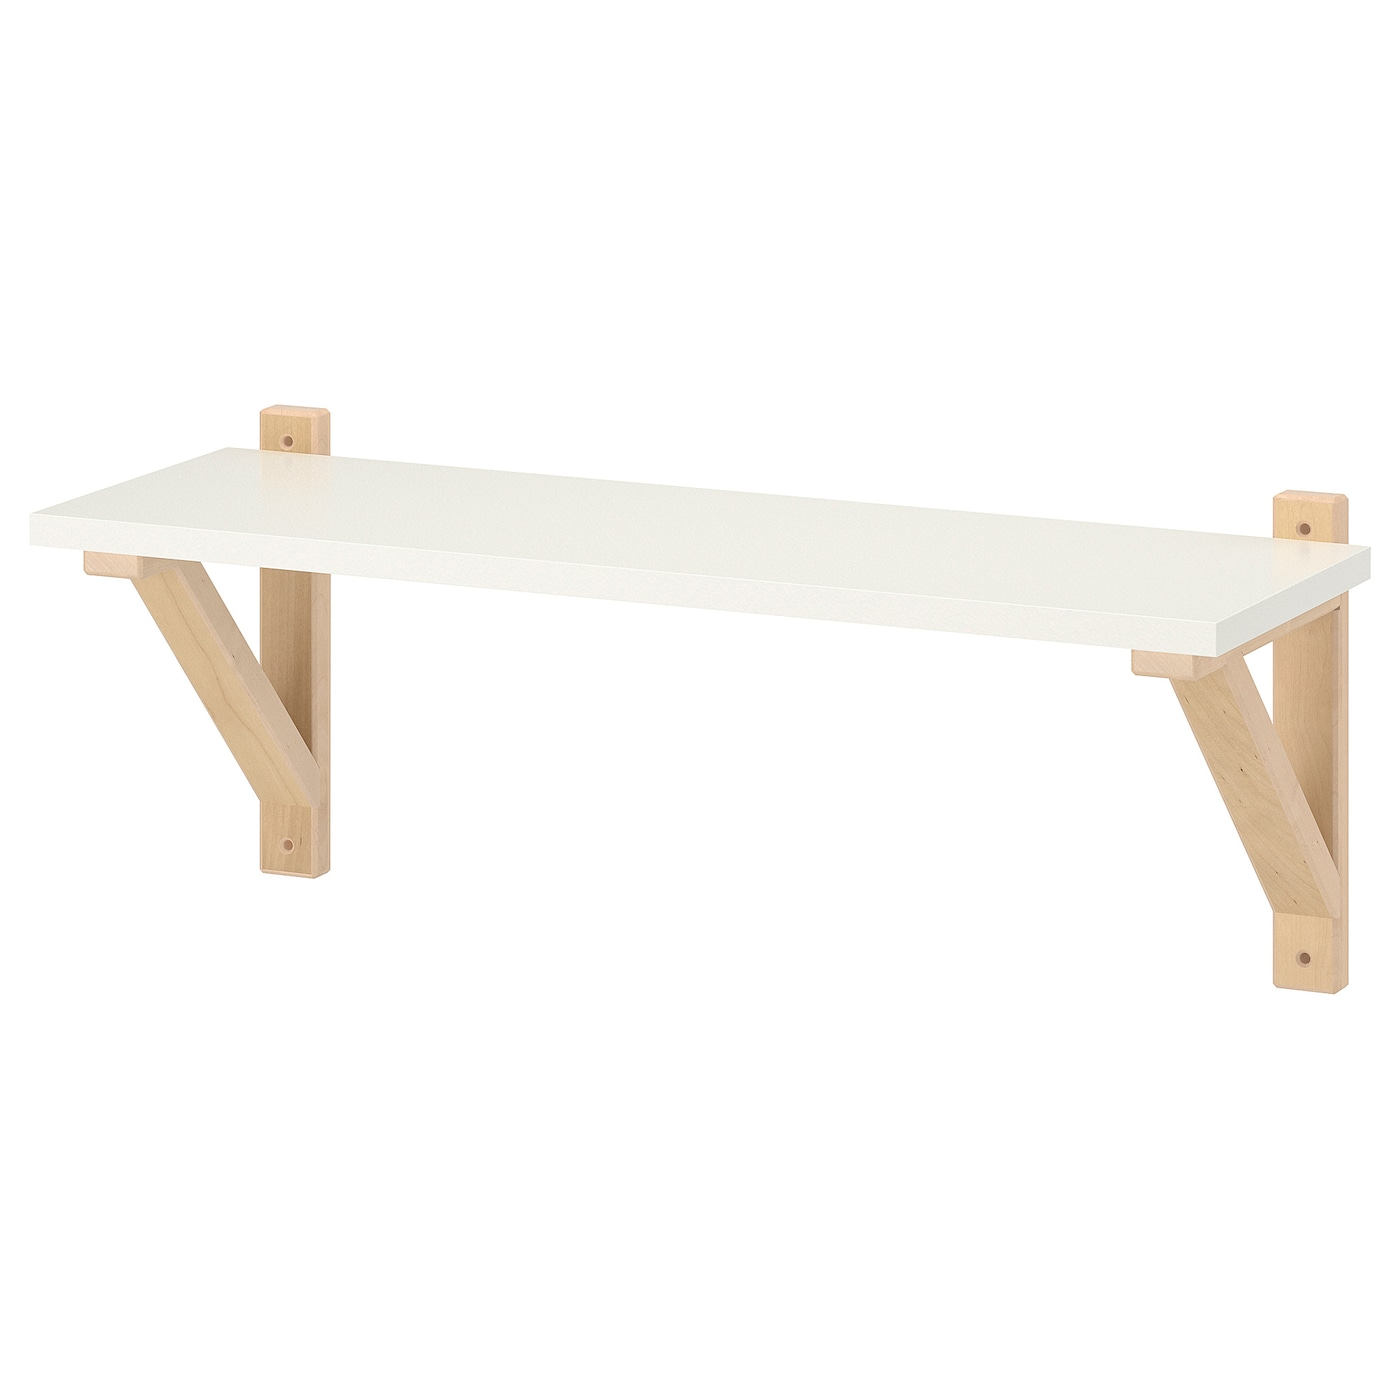 Rvs Wandplank Op Maat.Wandplanken Ikea